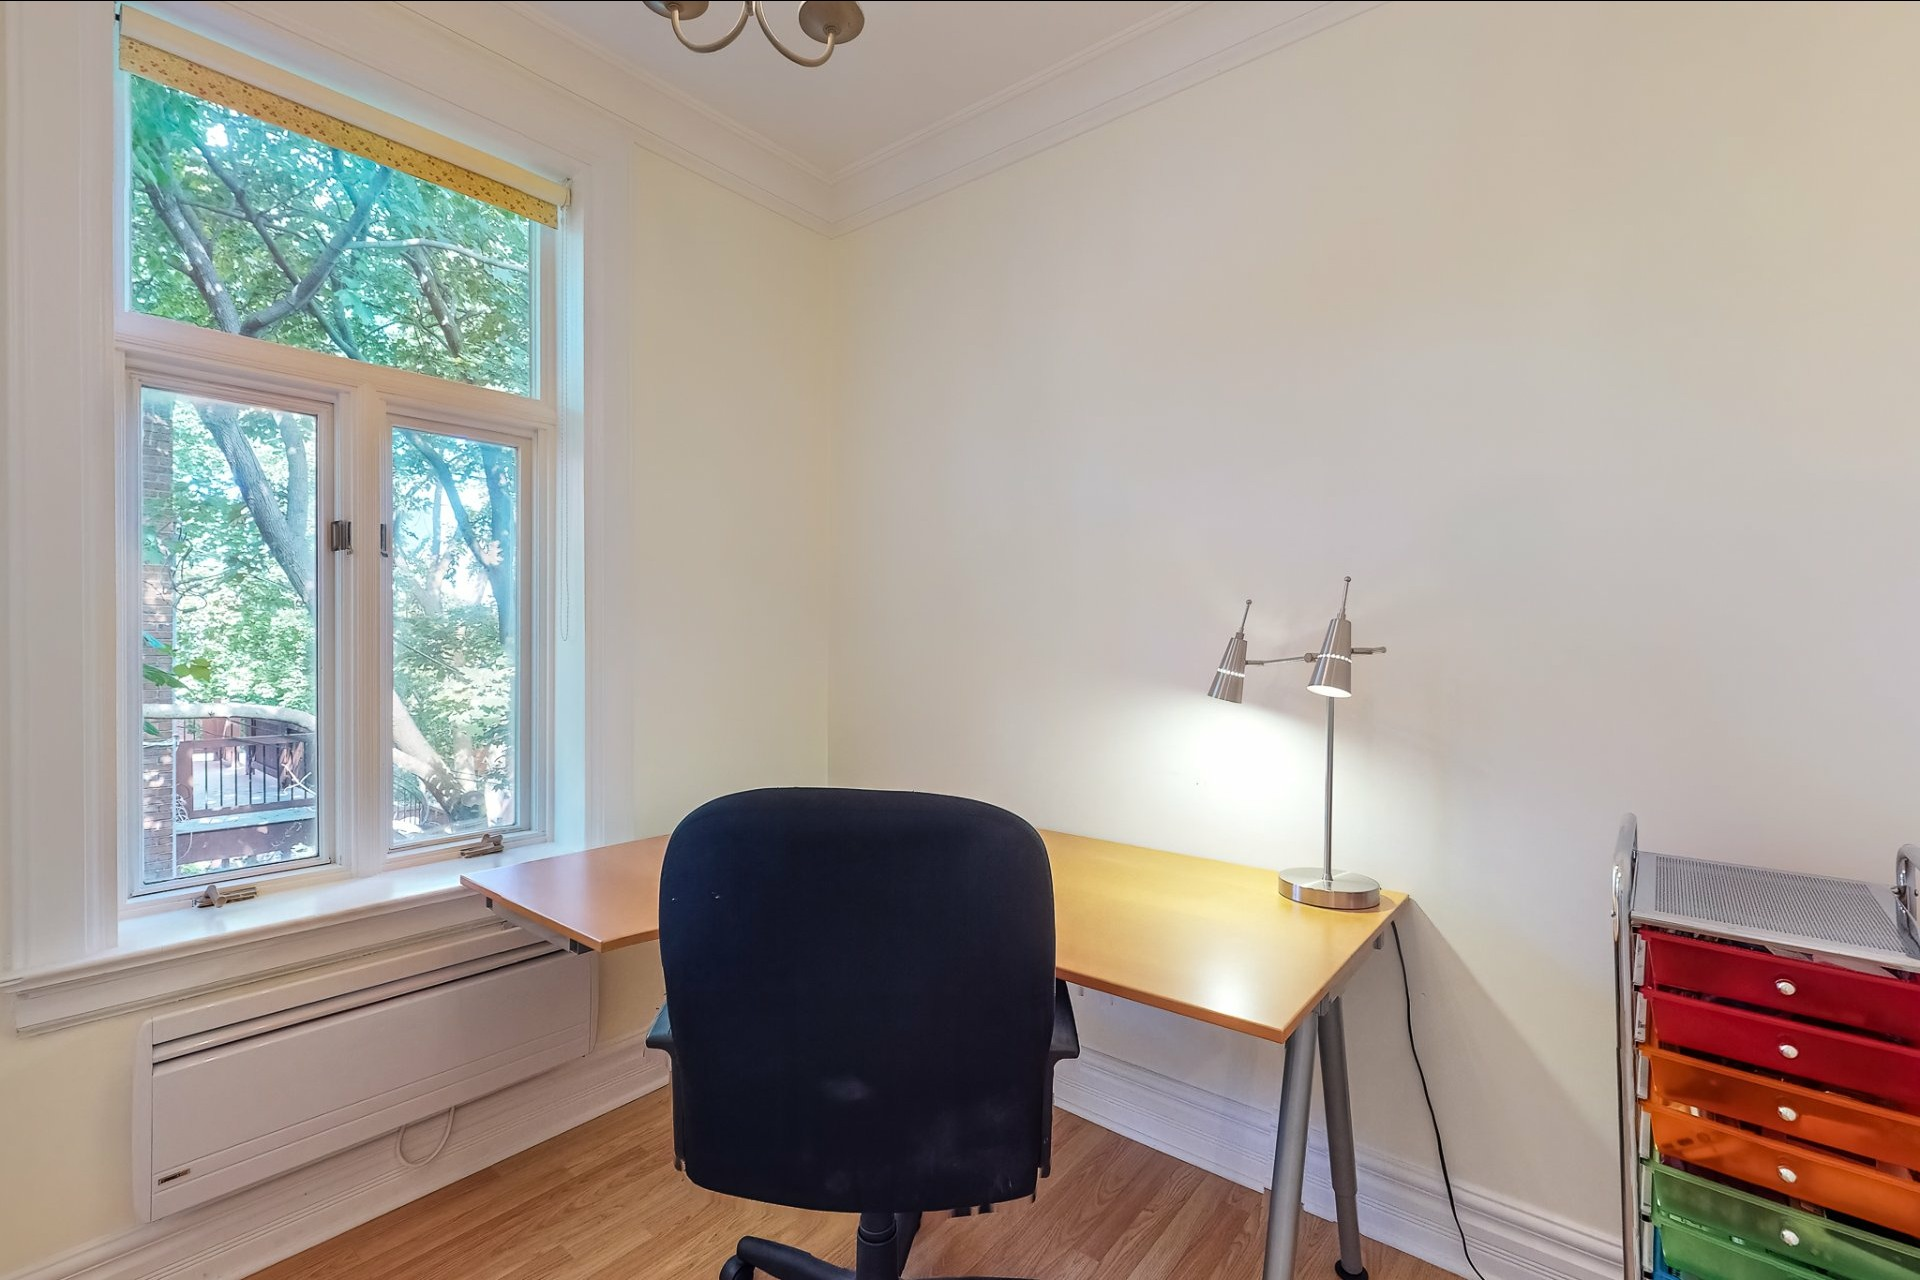 image 10 - Appartement À vendre Outremont Montréal  - 8 pièces